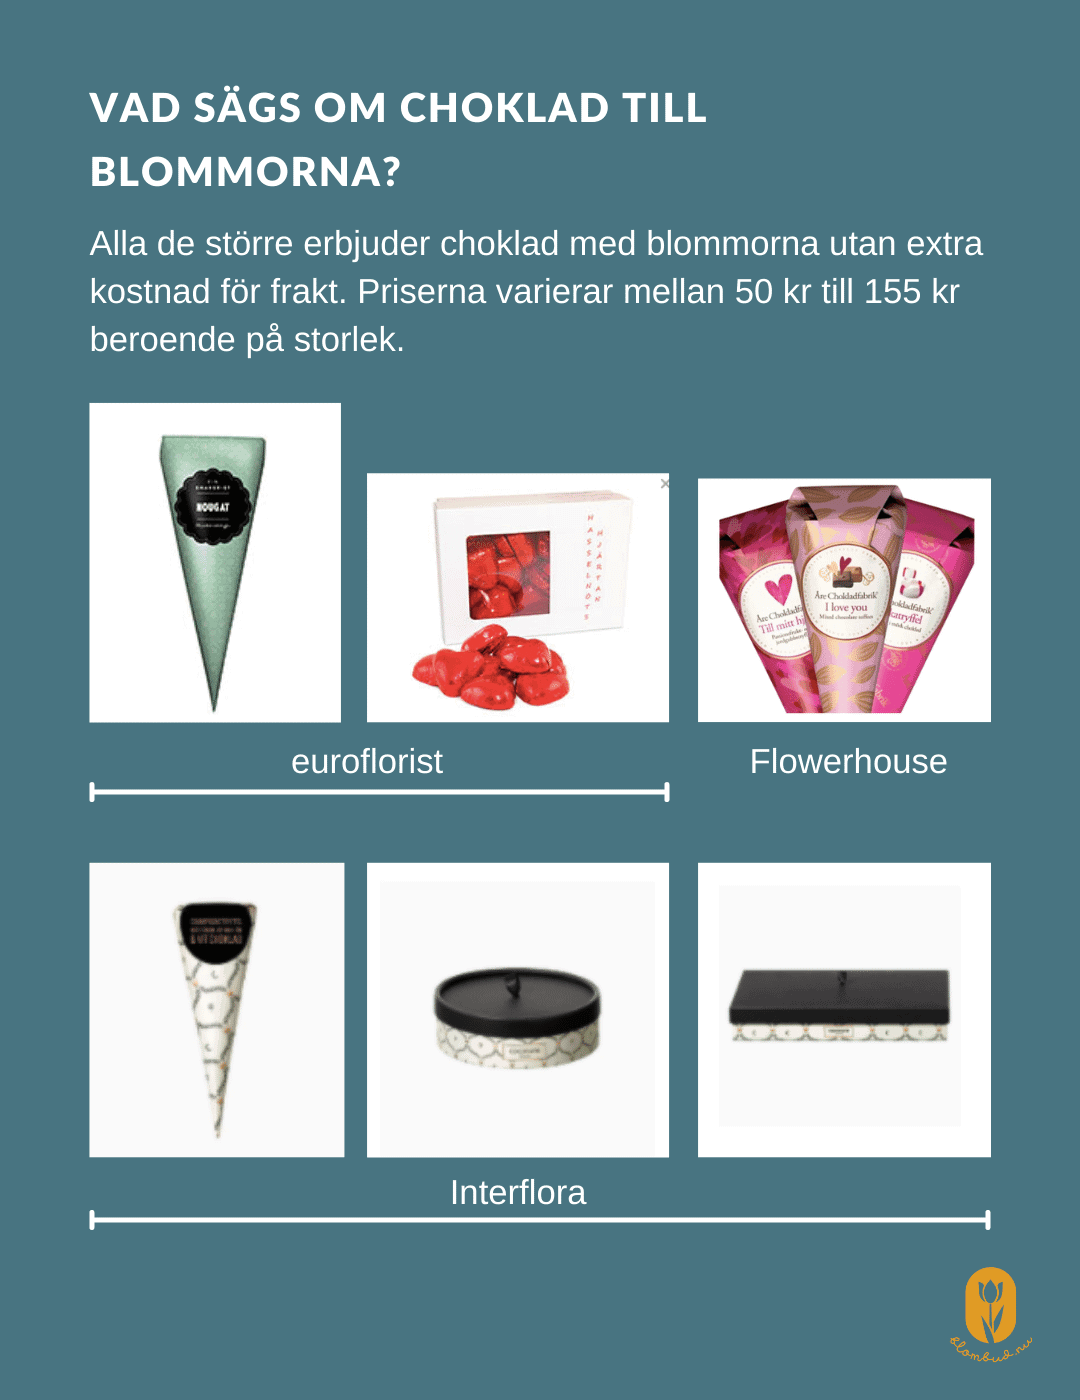 Choklad till blombud är en populär kombination och alla de tre stora leverantörerna erbjuder detta.